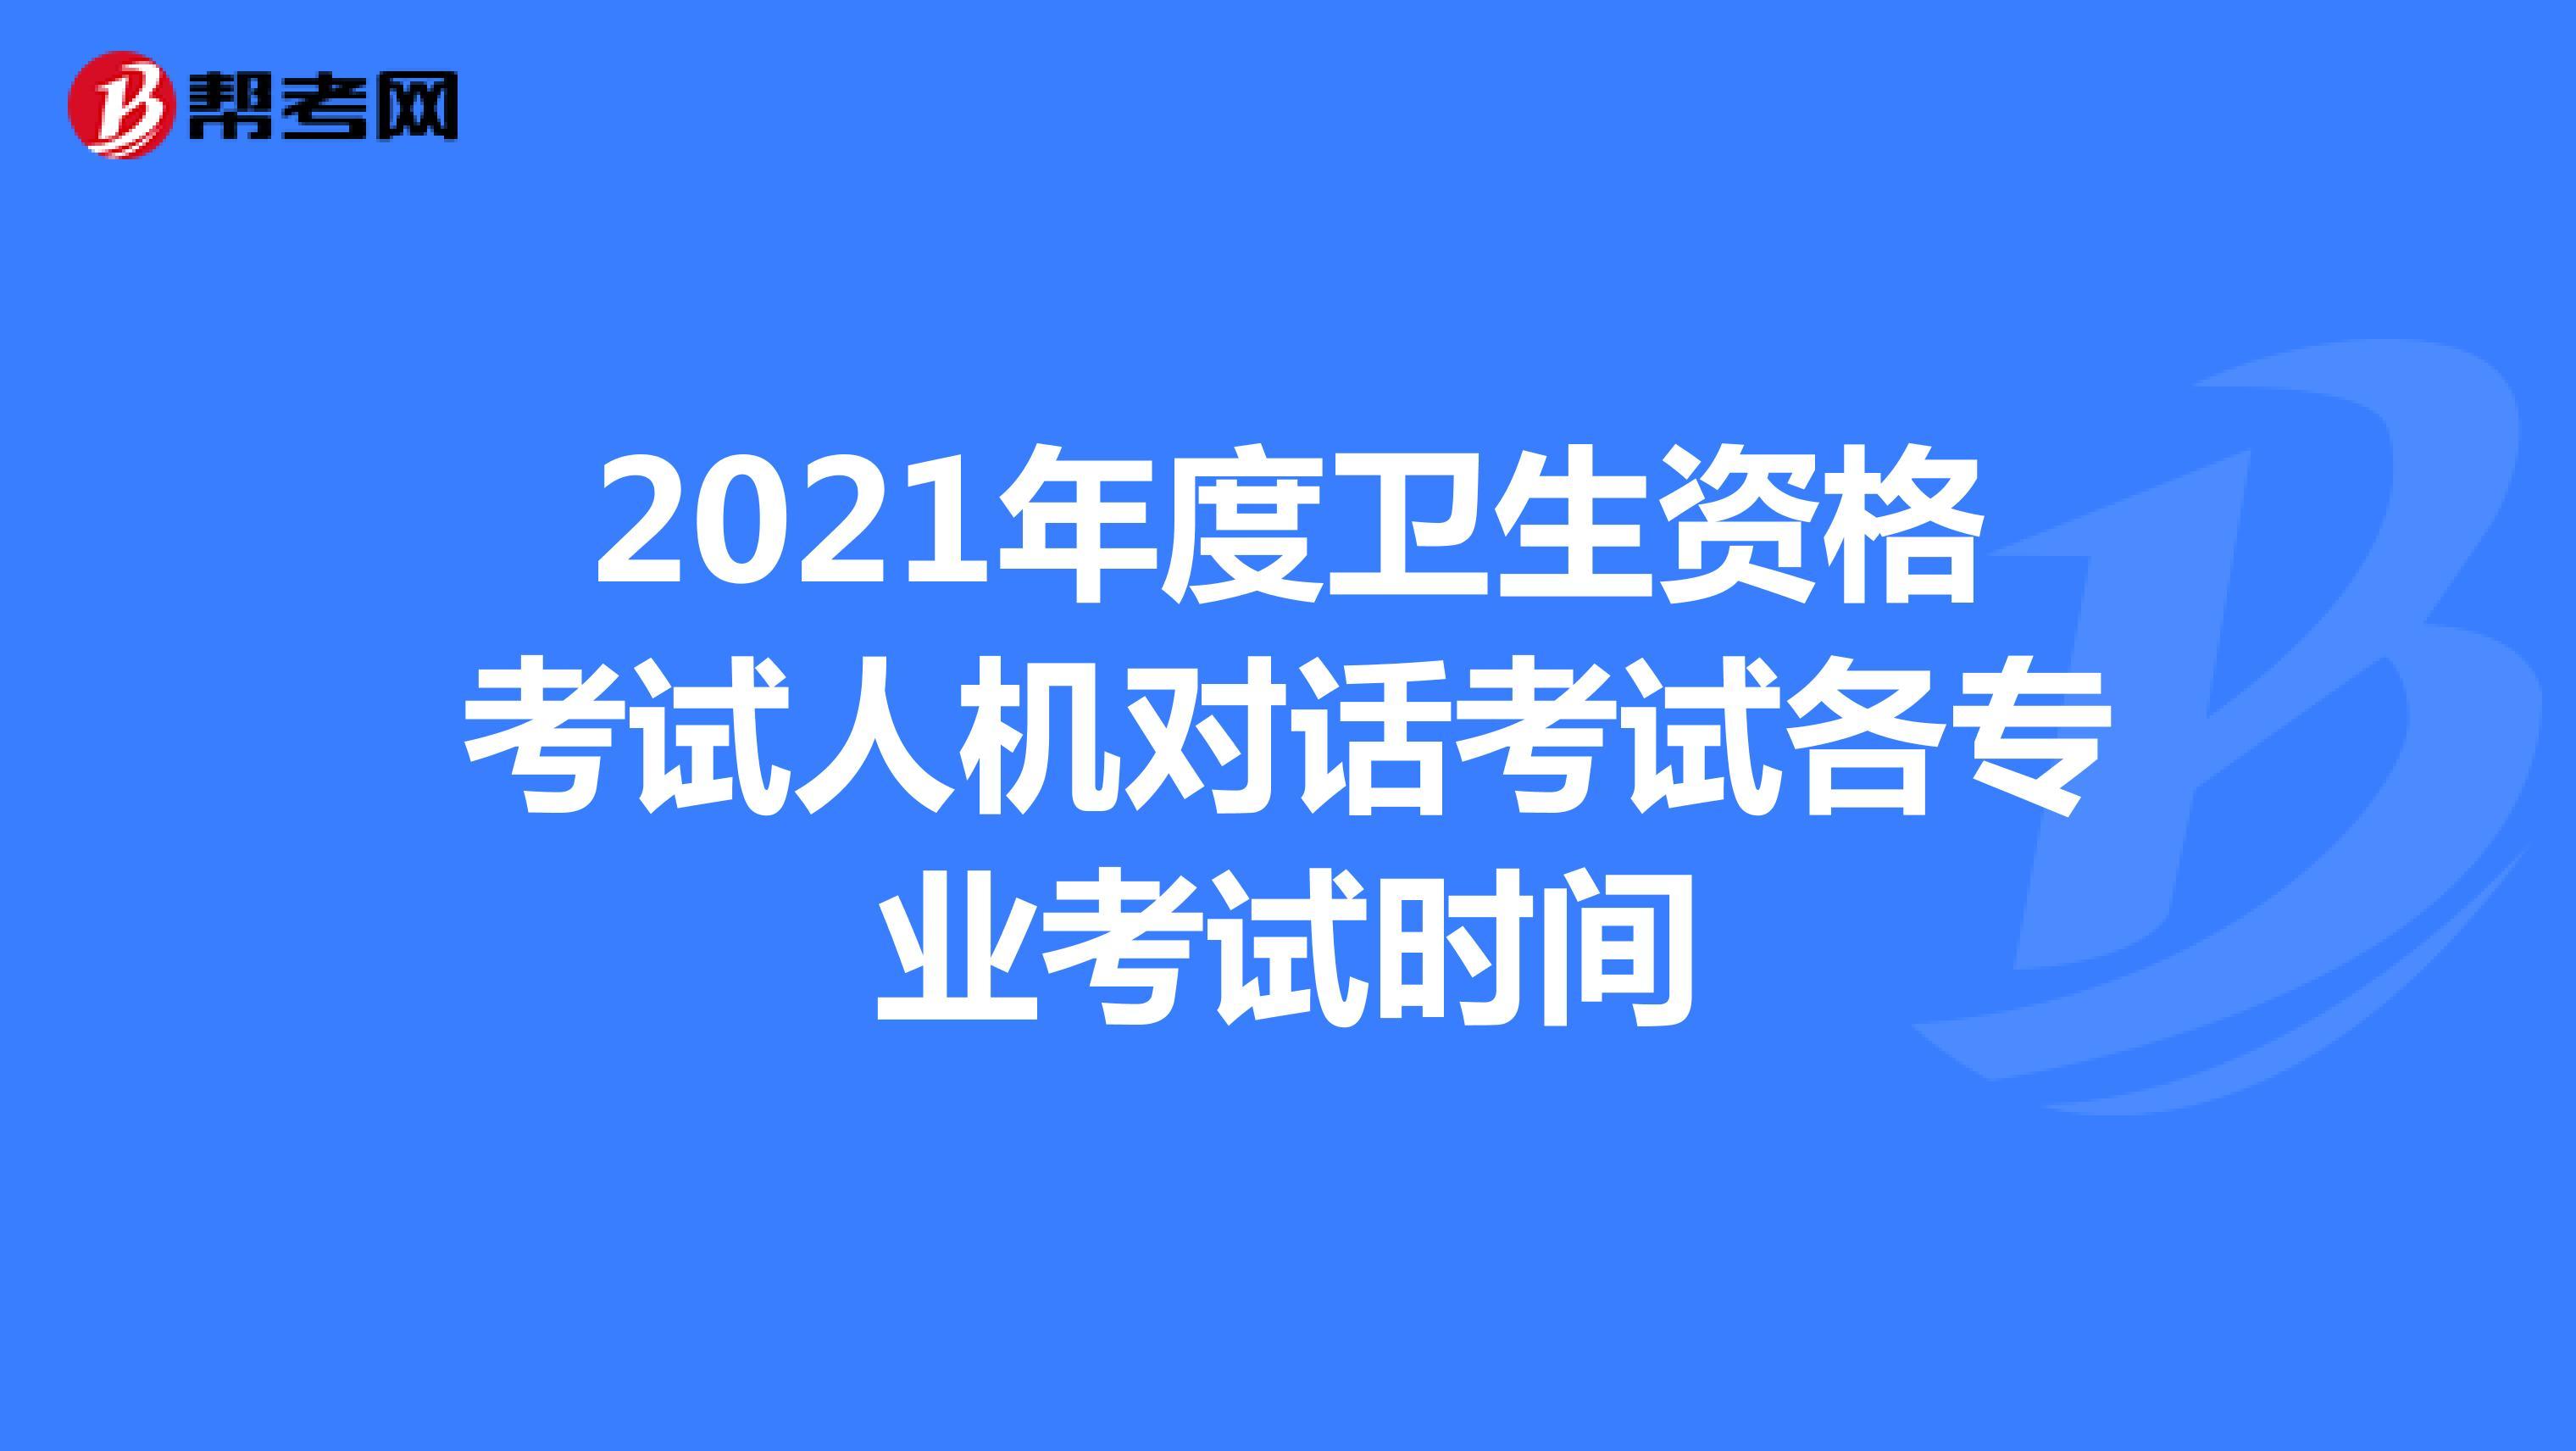 2021年度衛生資格考試人機對話考試各專業考試時間